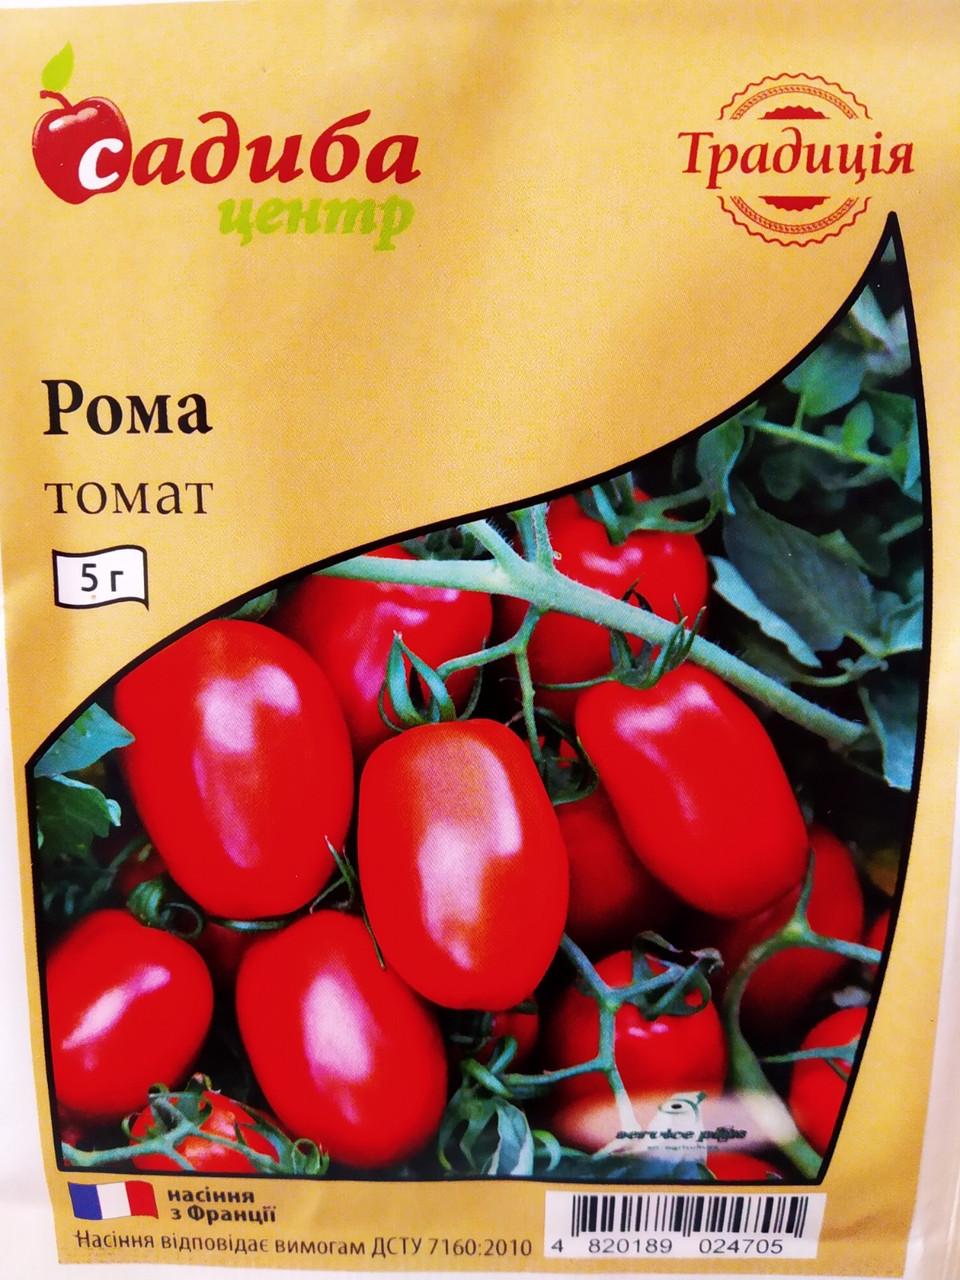 Насіння томату Рома середньоранній, низькорослий 5 грам, Франція